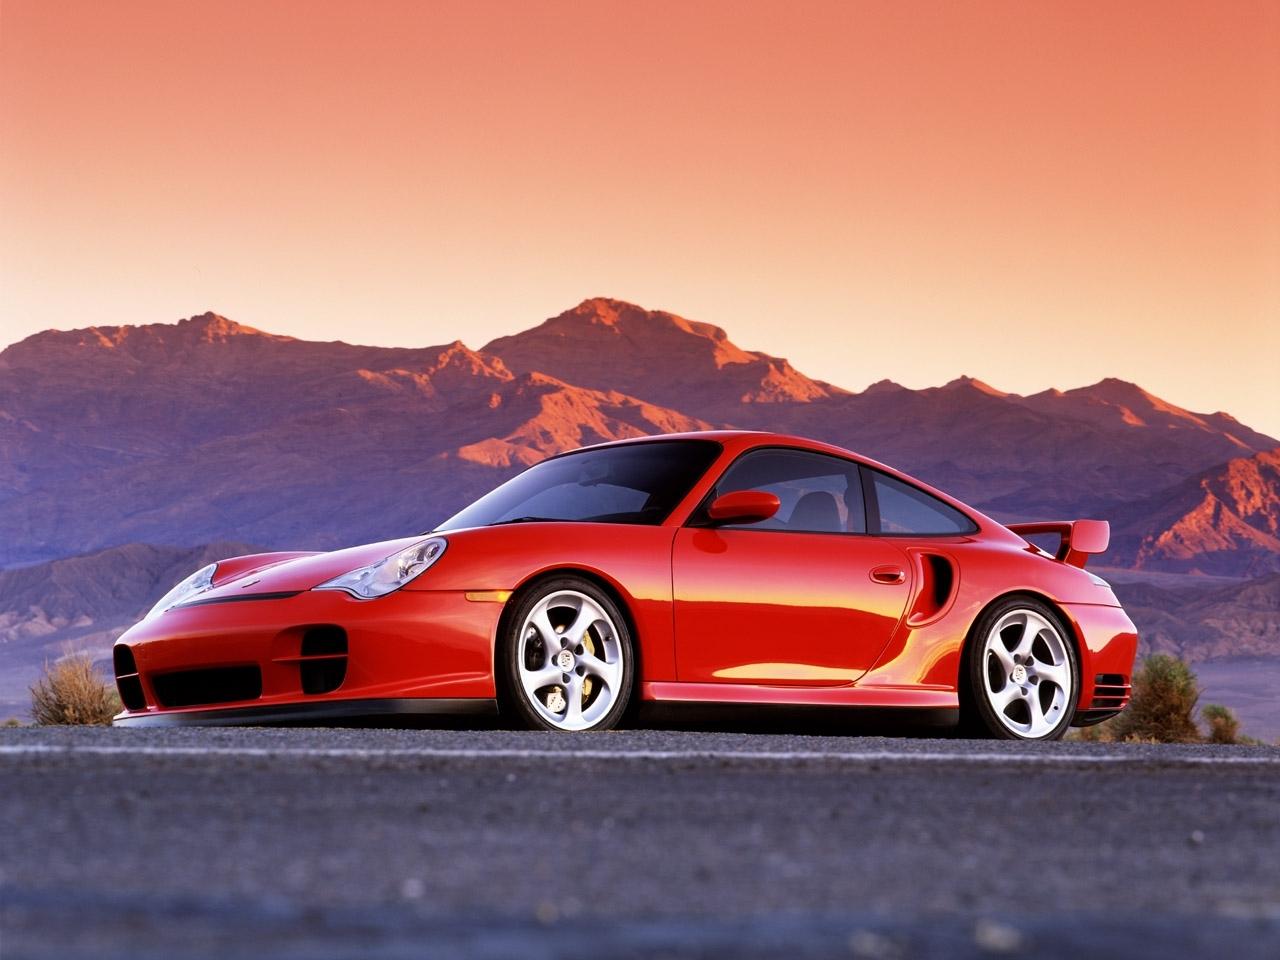 45031 скачать обои Транспорт, Машины, Порш (Porsche) - заставки и картинки бесплатно